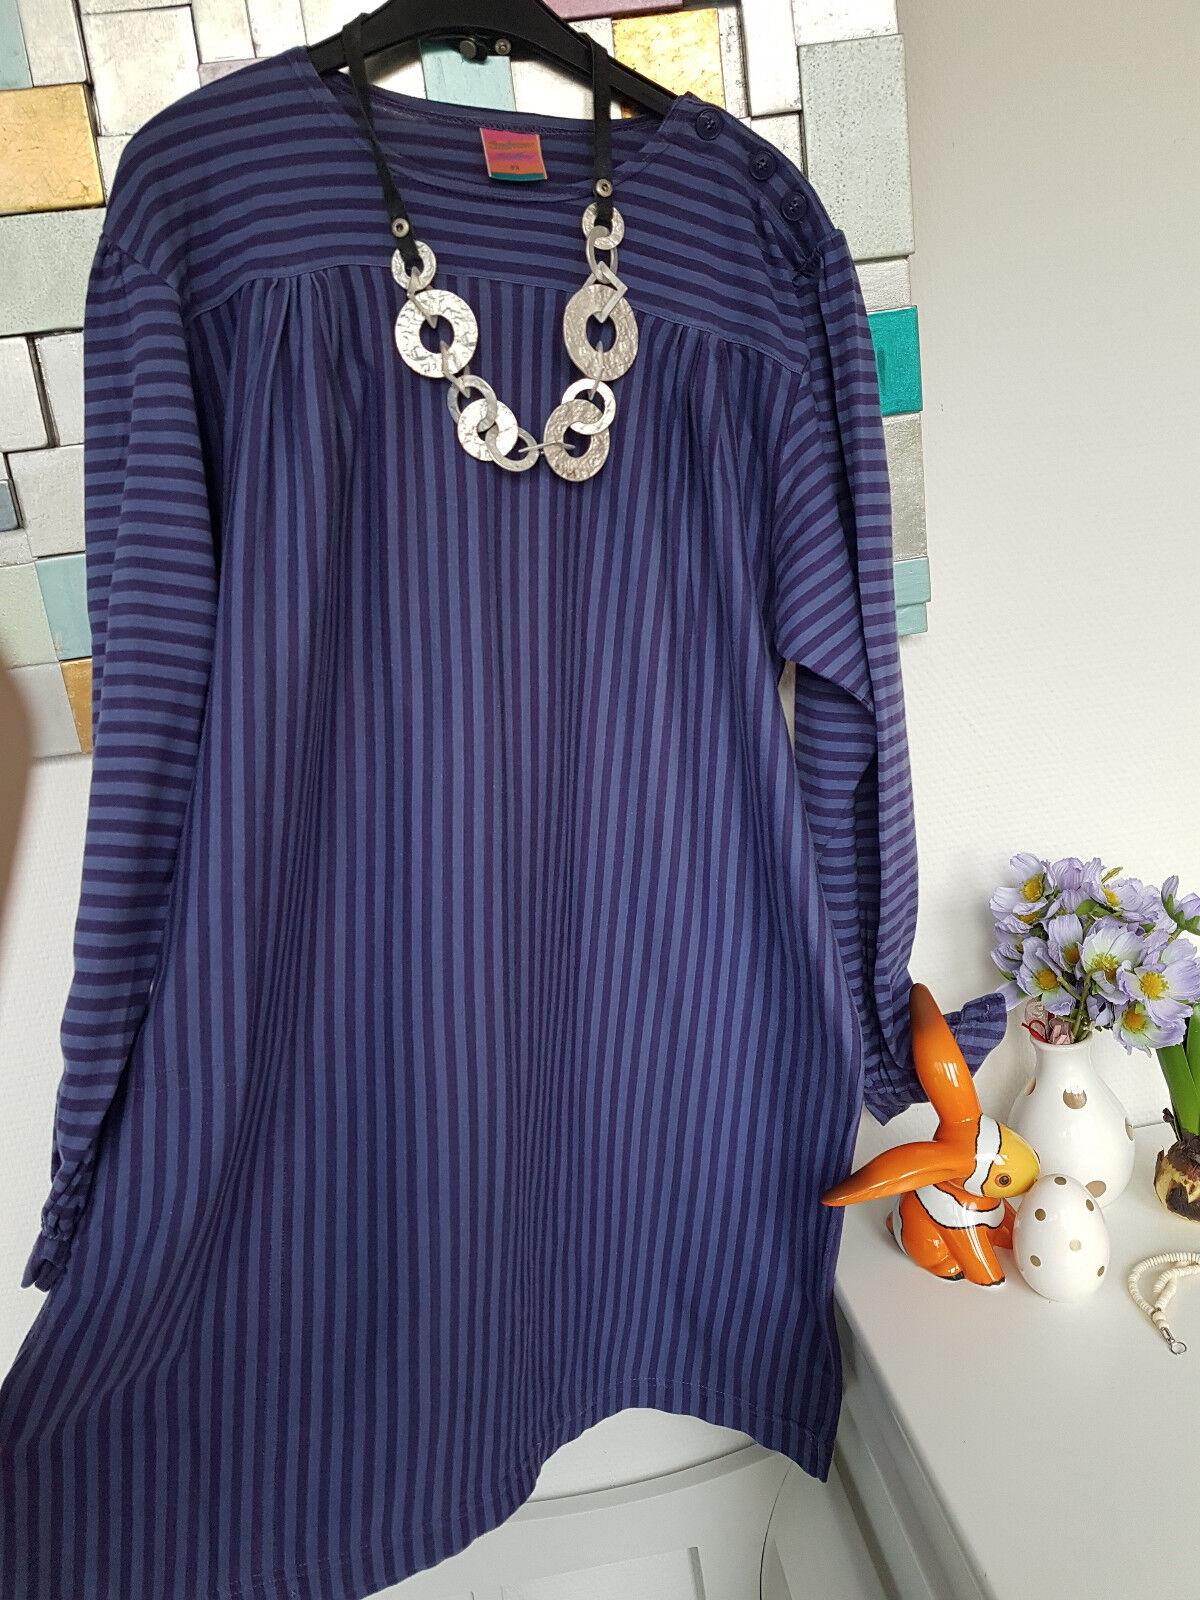 Gudrun Sjöden schöne gestreifte lange Tunika Gr. M 100% Cotton Farbe Blau Lila